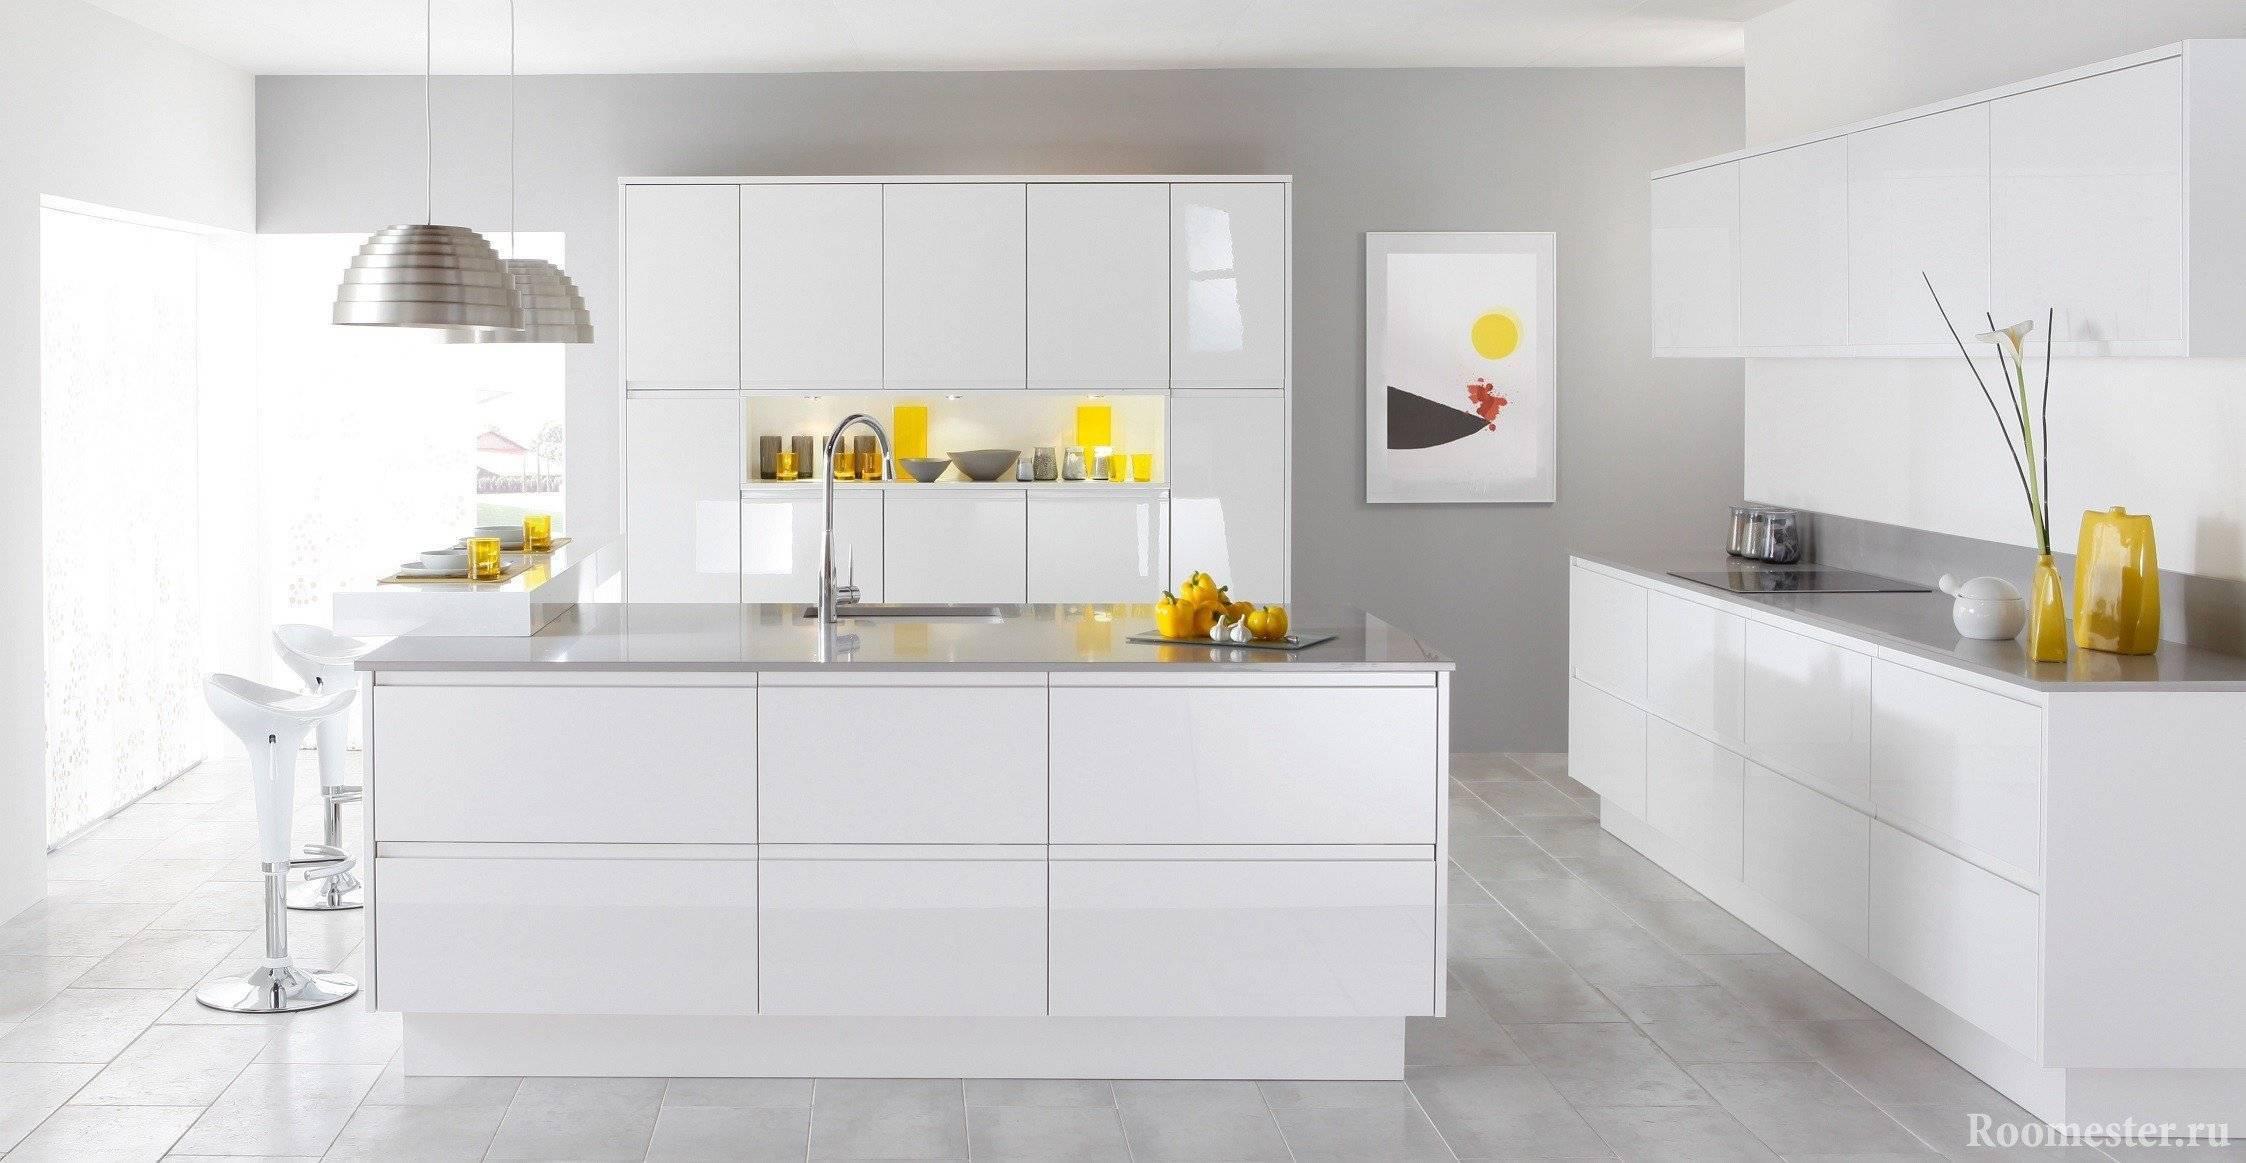 Дизайн желтой кухни: основные правила оформления, стили, полезные советы